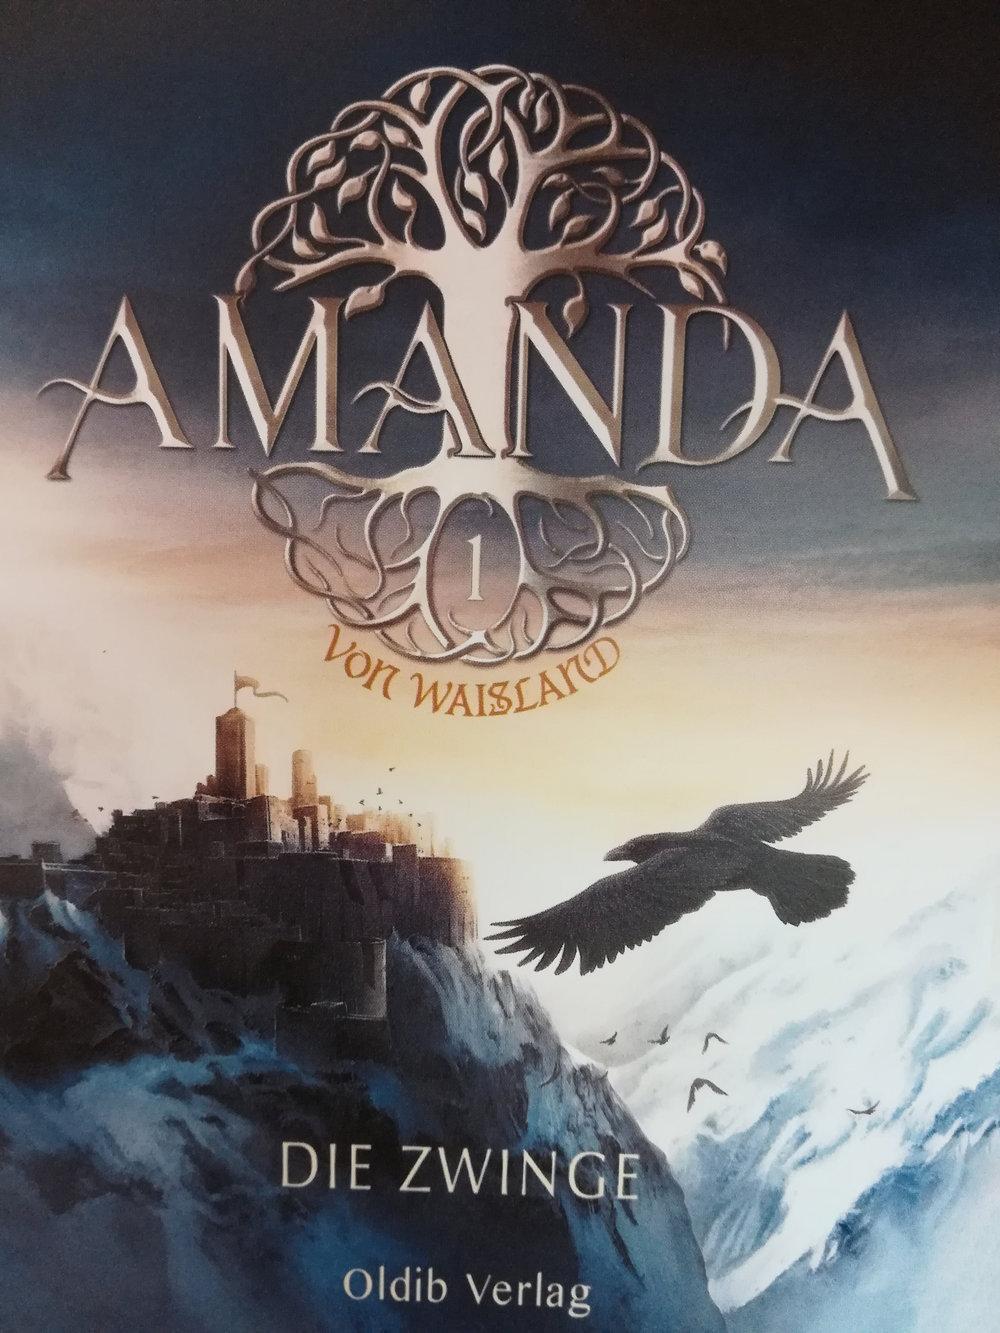 Amanda-von-Waisland-Die-Zwinge_NEU.jpg